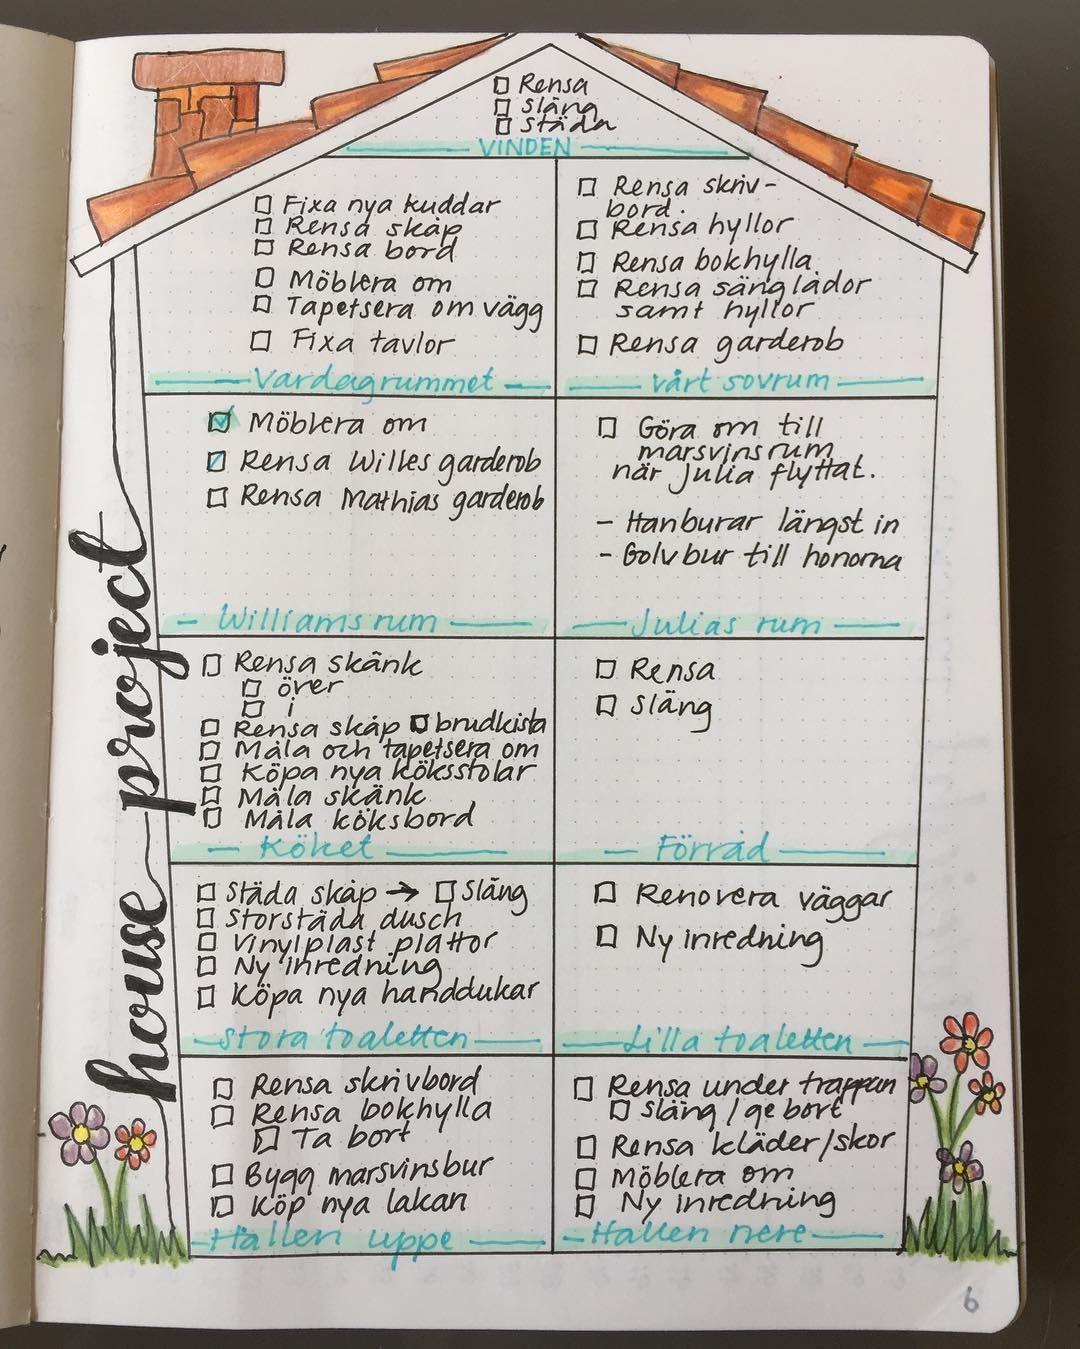 Gemütlich Beste Lektionsplanvorlage Bilder - Entry Level Resume ...